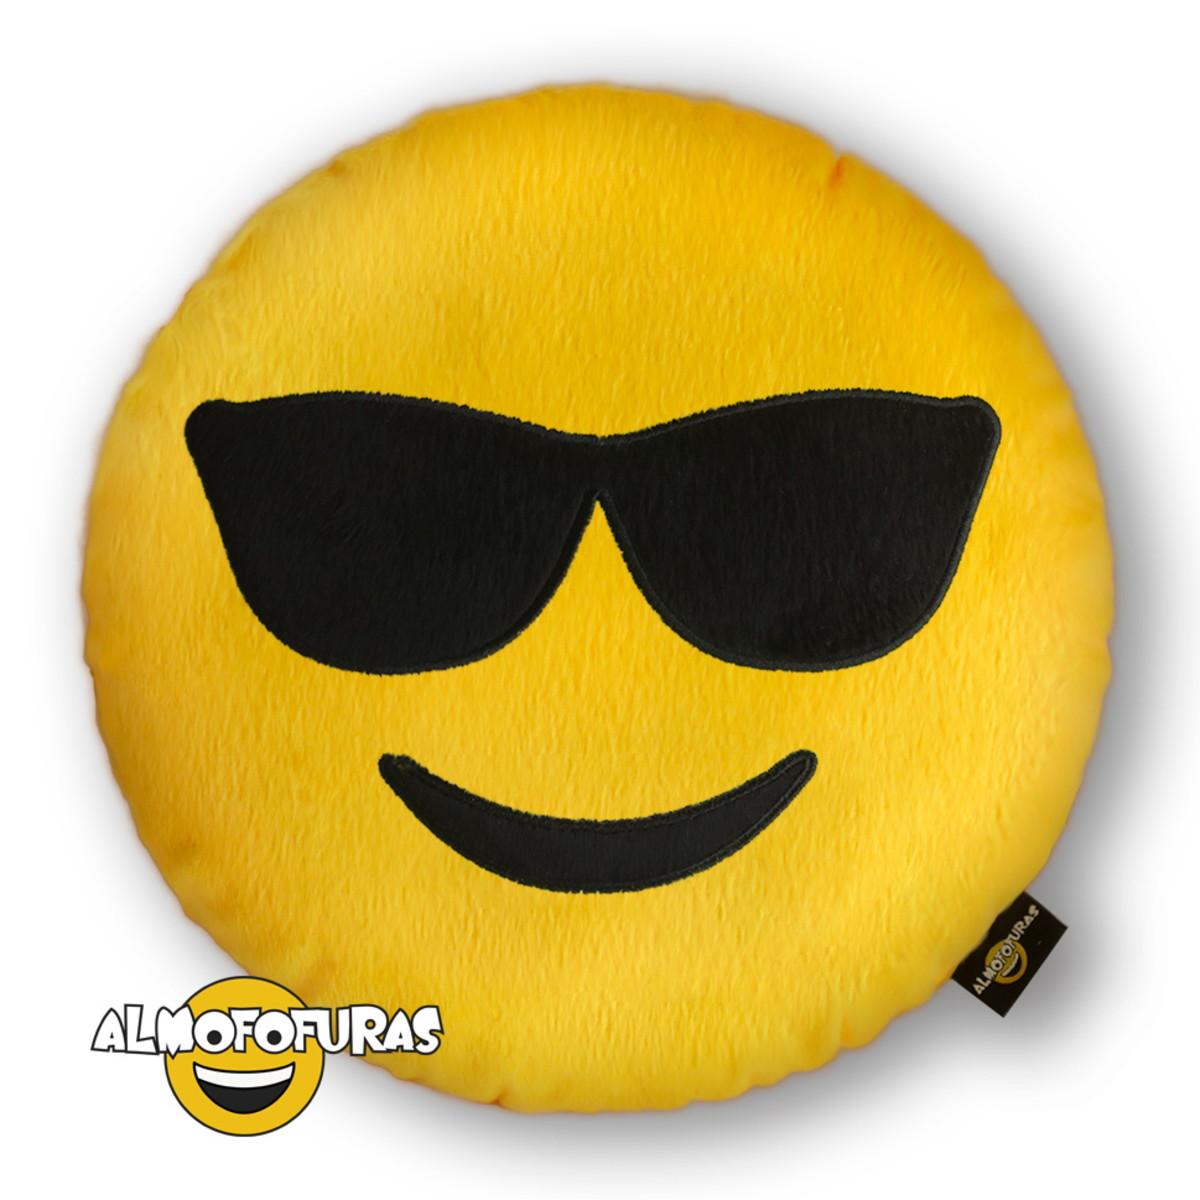 eedfcf1f54da8 Almofada Emoji Pelúcia Bordada Whatsapp Óculos de Sol no Elo7 ...